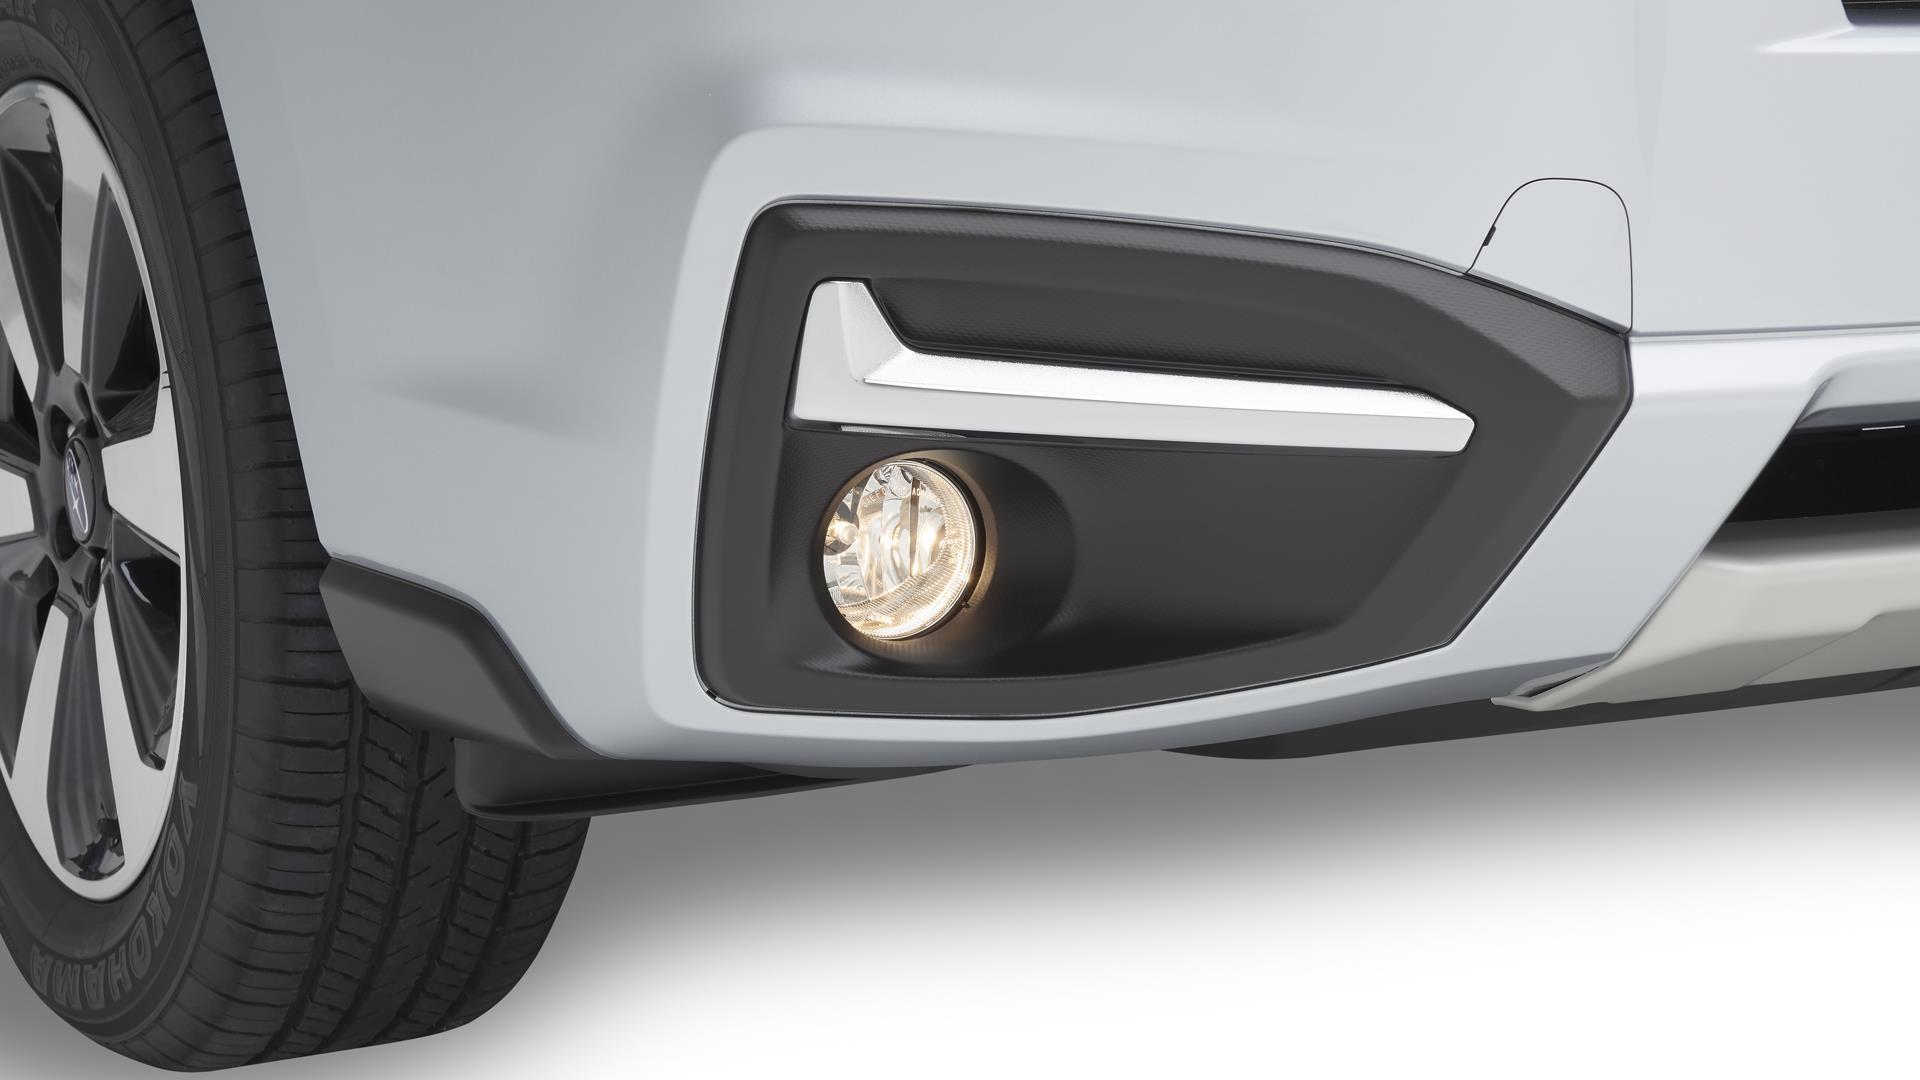 2017 Subaru Forester. #H4510SG160: Fog Light Kit (for Black Interior)